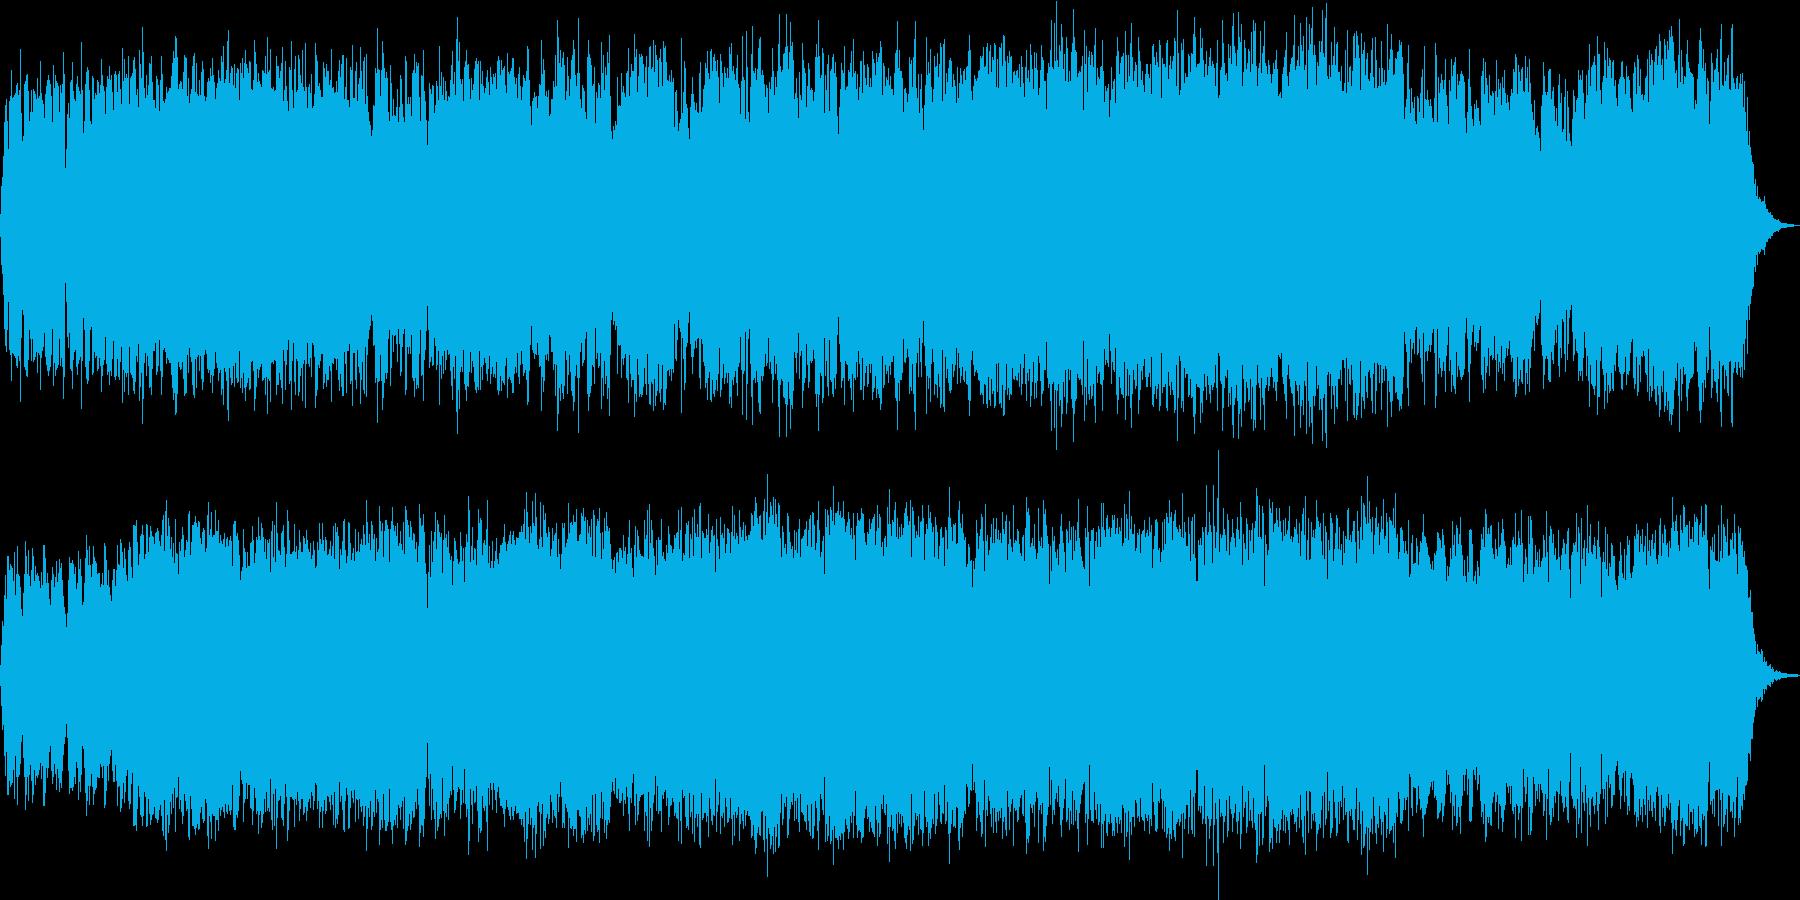 激しい金管とオペラ歌手の情熱的な曲の再生済みの波形